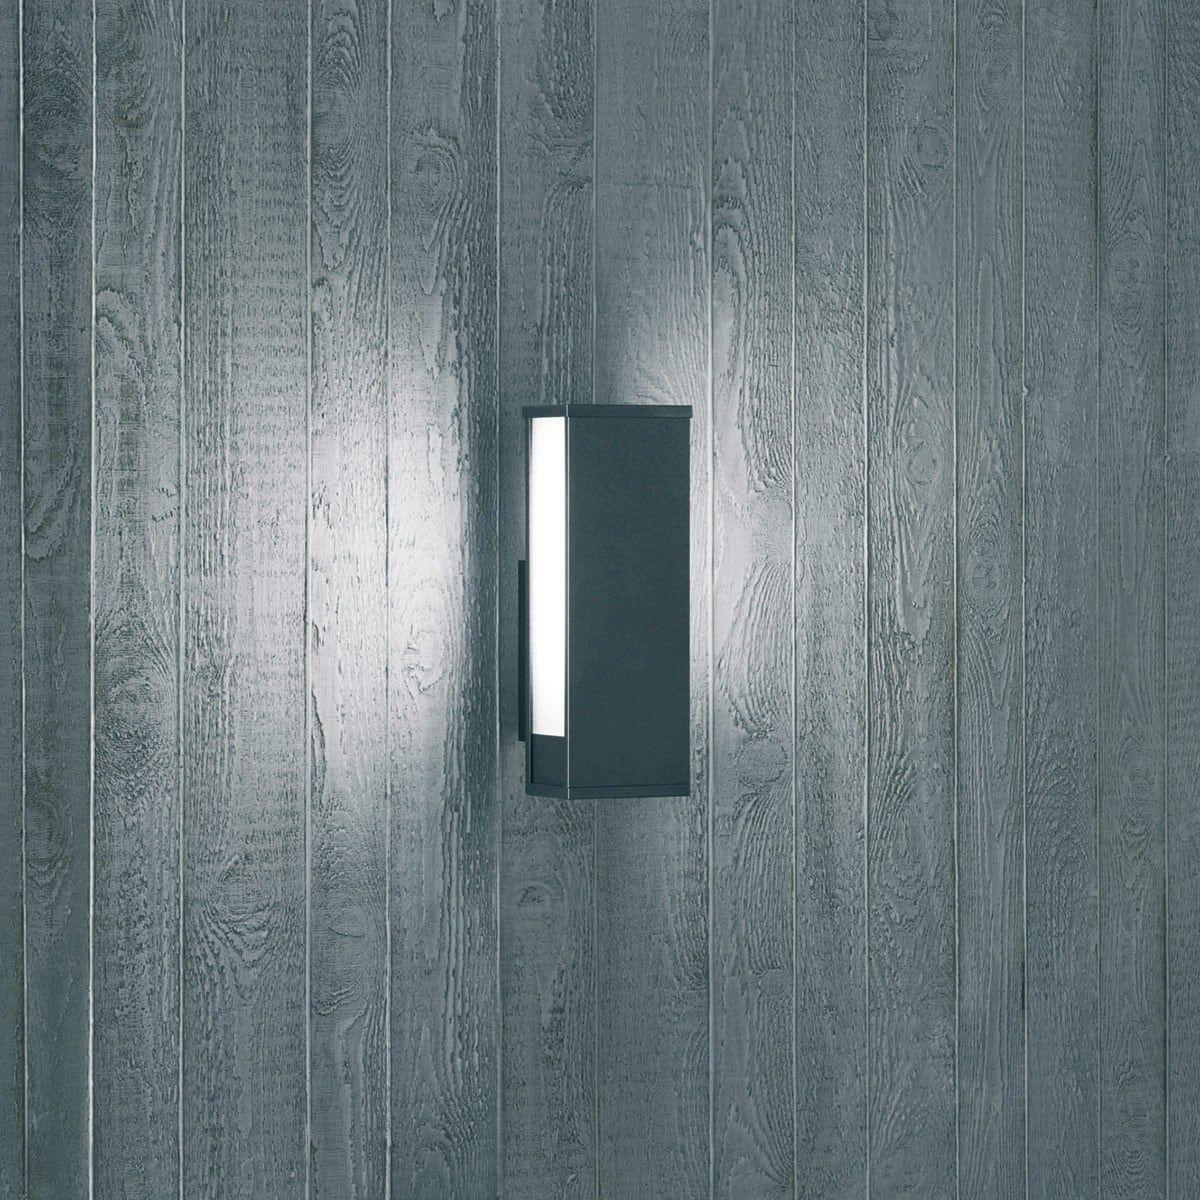 Aussenleuchten Led Wand Aussenbeleuchtung Mit Bewegungsmelder Aussenleuchten Edelstahl Bauhaus Garten In 2020 Aussenwandleuchte Aussenleuchten Aussenleuchten Edelstahl